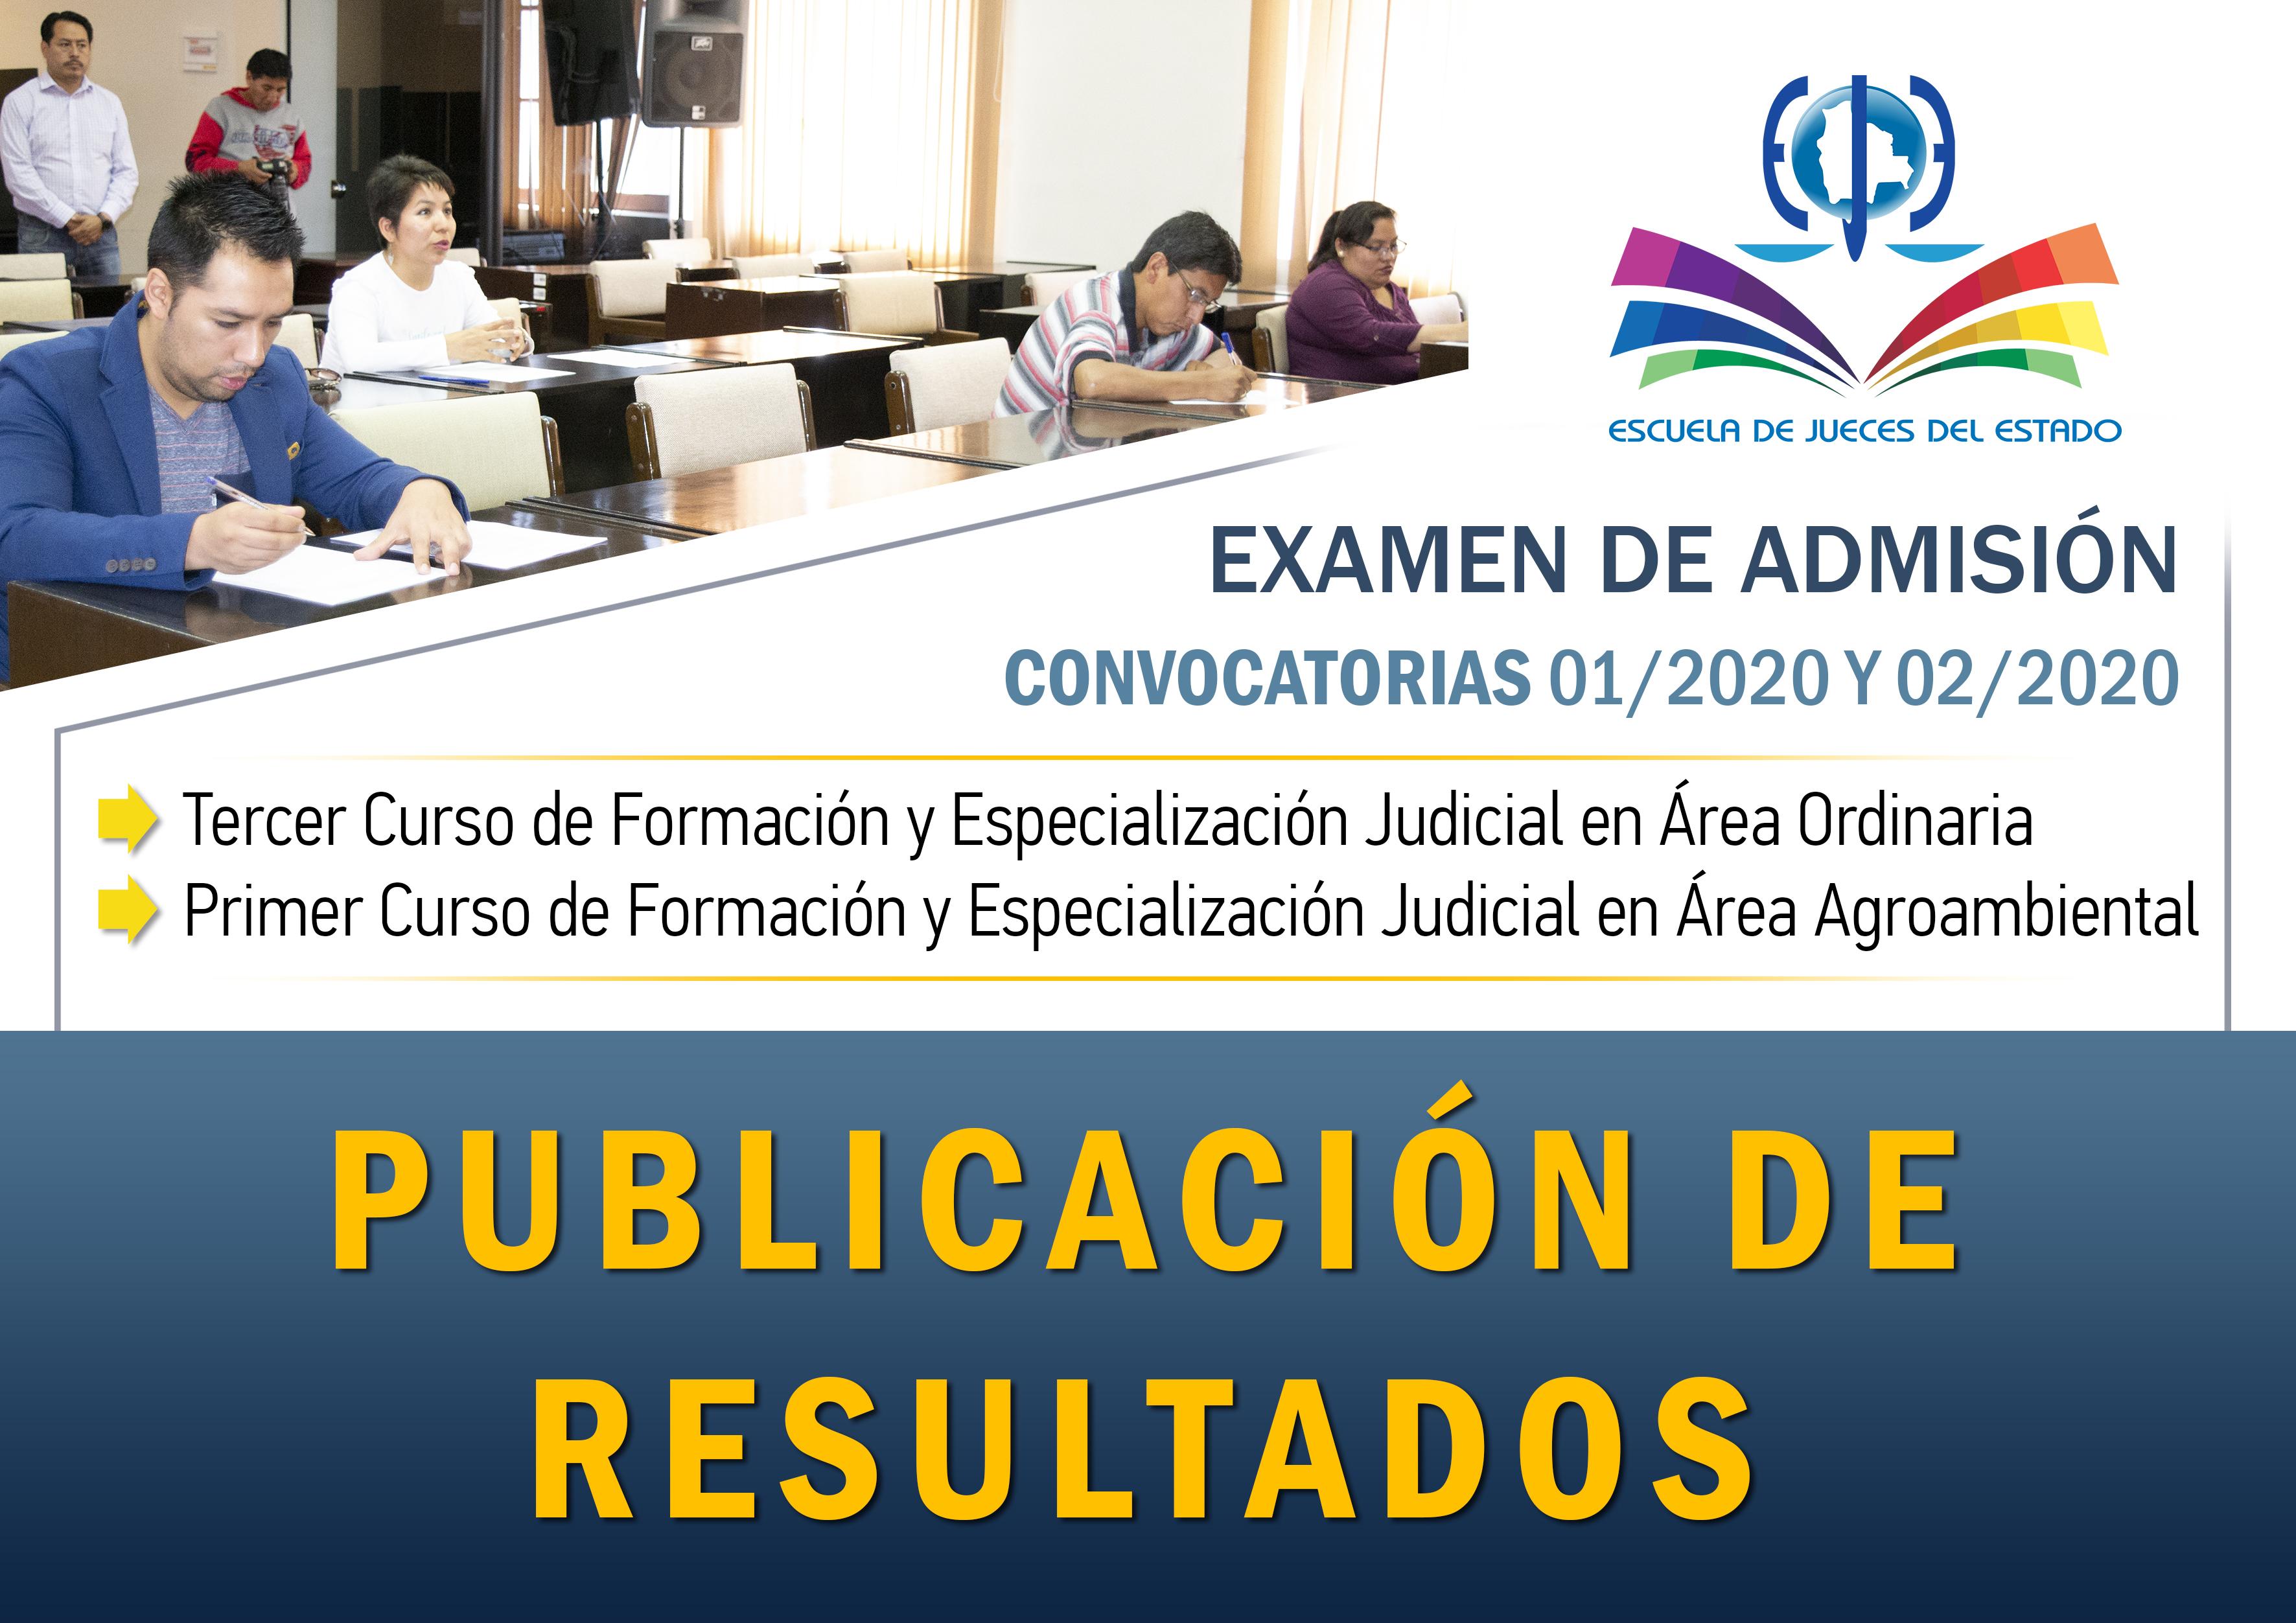 PUBLICACIÓN DE RESULTADOS CONVOCATORIA 01/2020 Y 20/2020